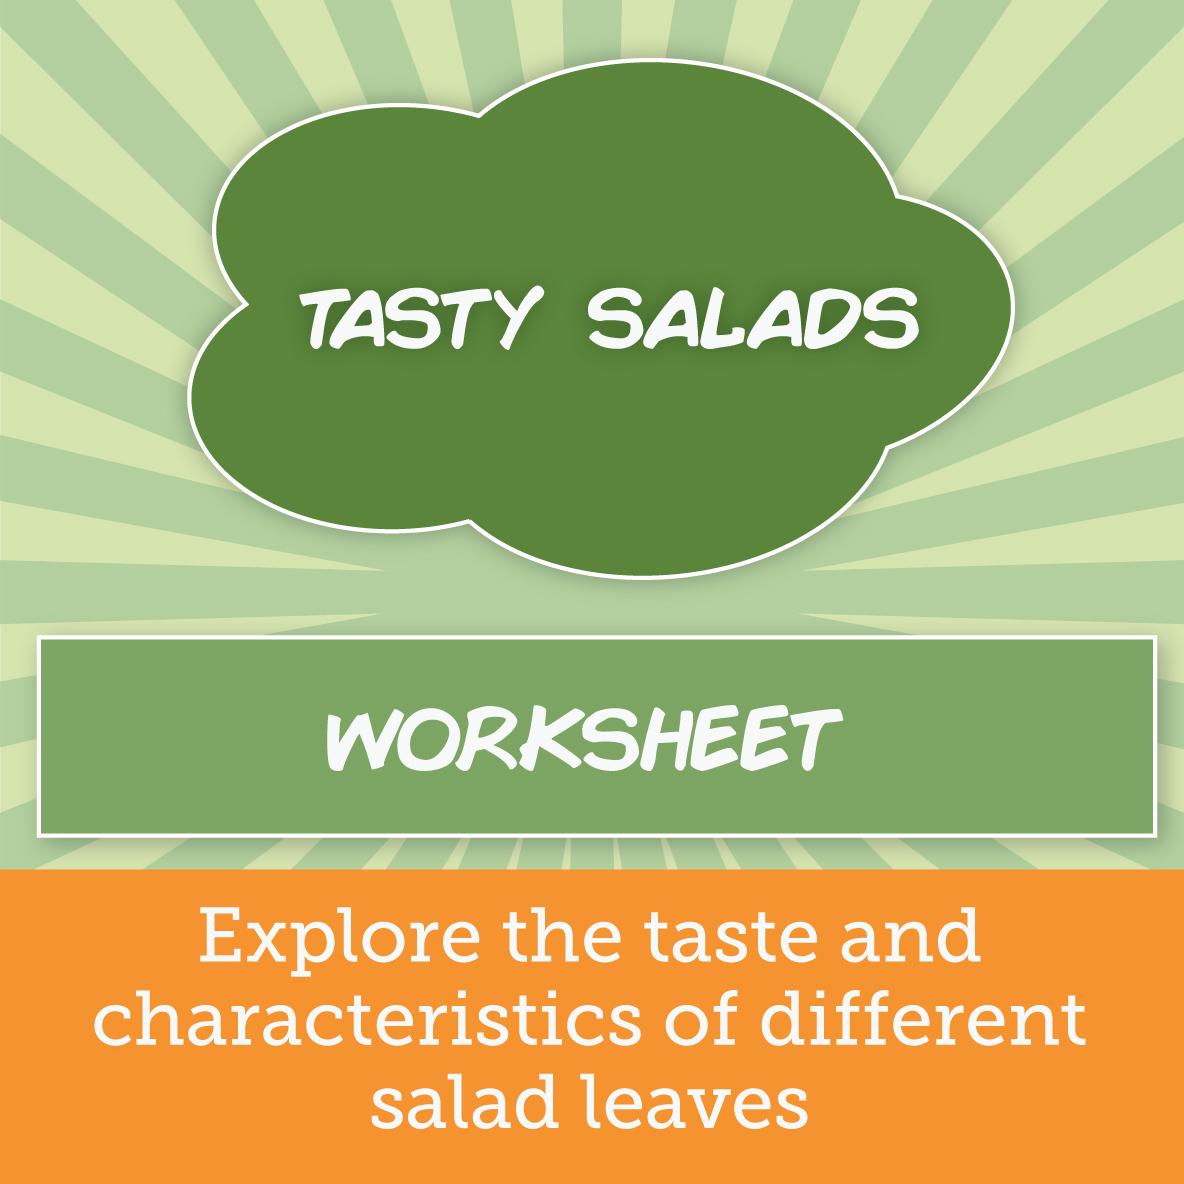 tasty salads